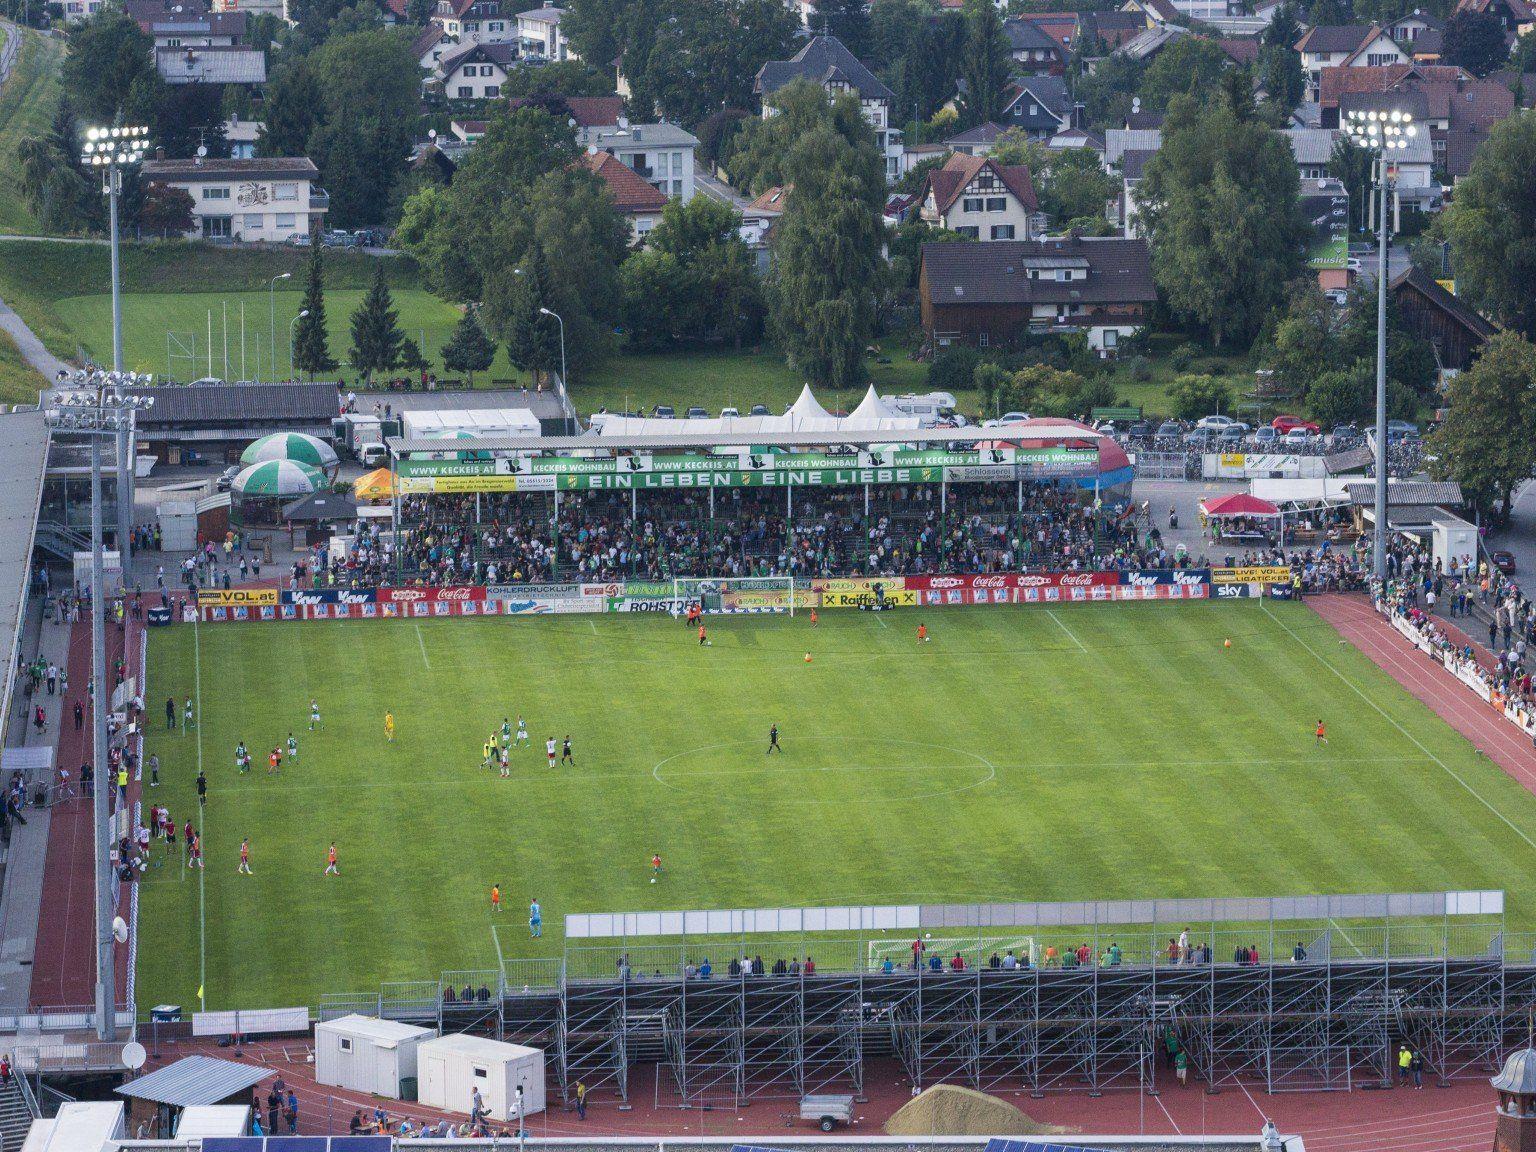 Das Reichsshofstadion in Lustenau hat Sanierungsbedarf und steht damit nicht allein da.